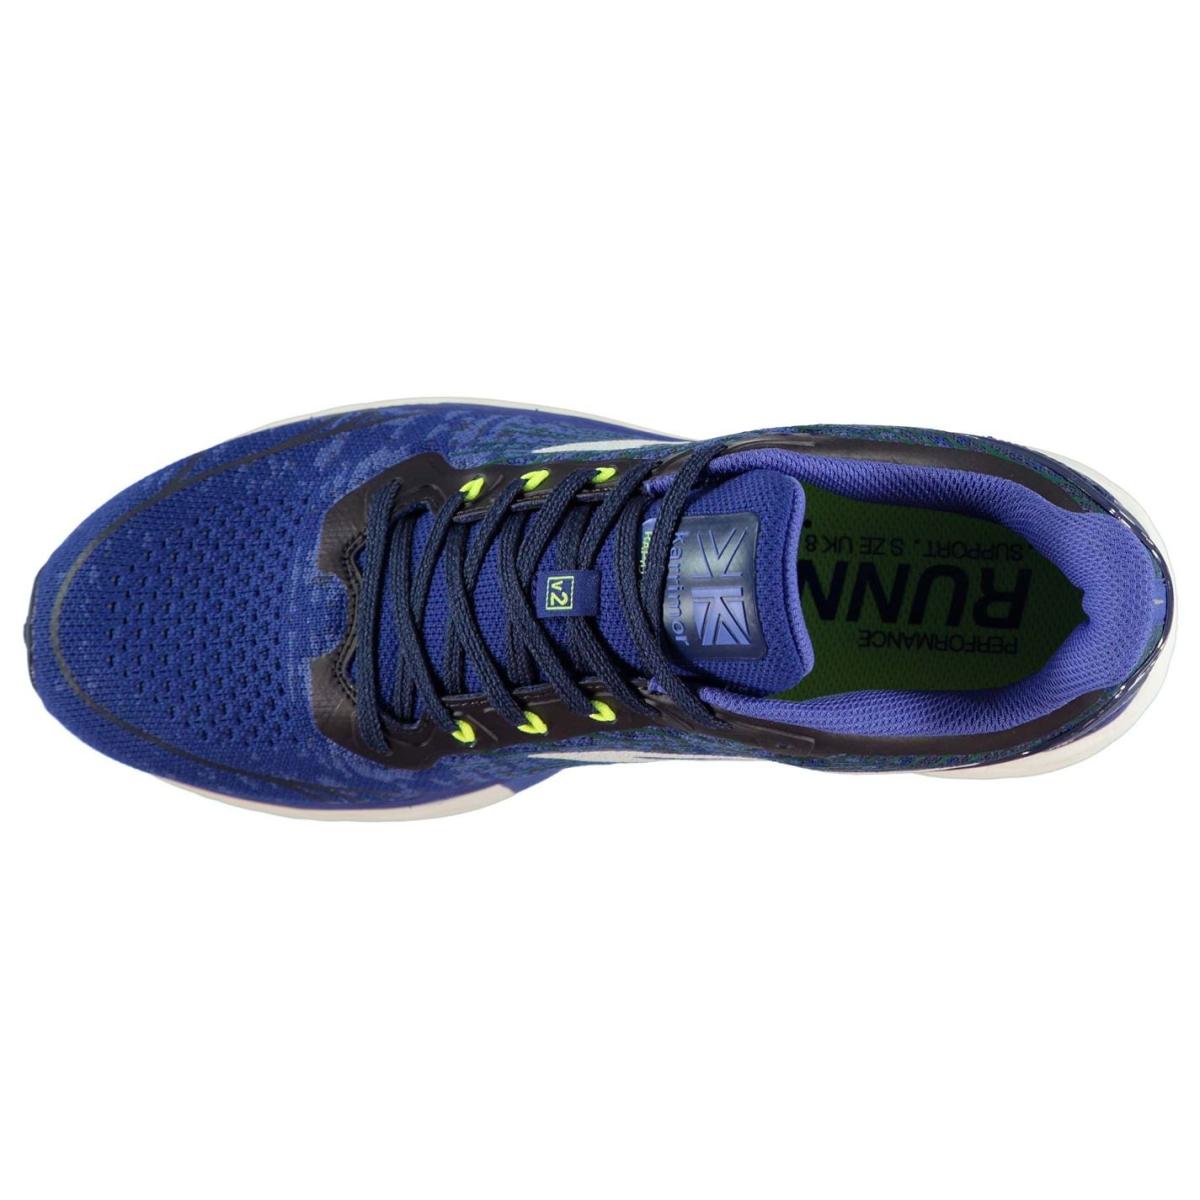 Laufschuhe, Ii Span Air Nike schwarz Herren EU 8.0 wei